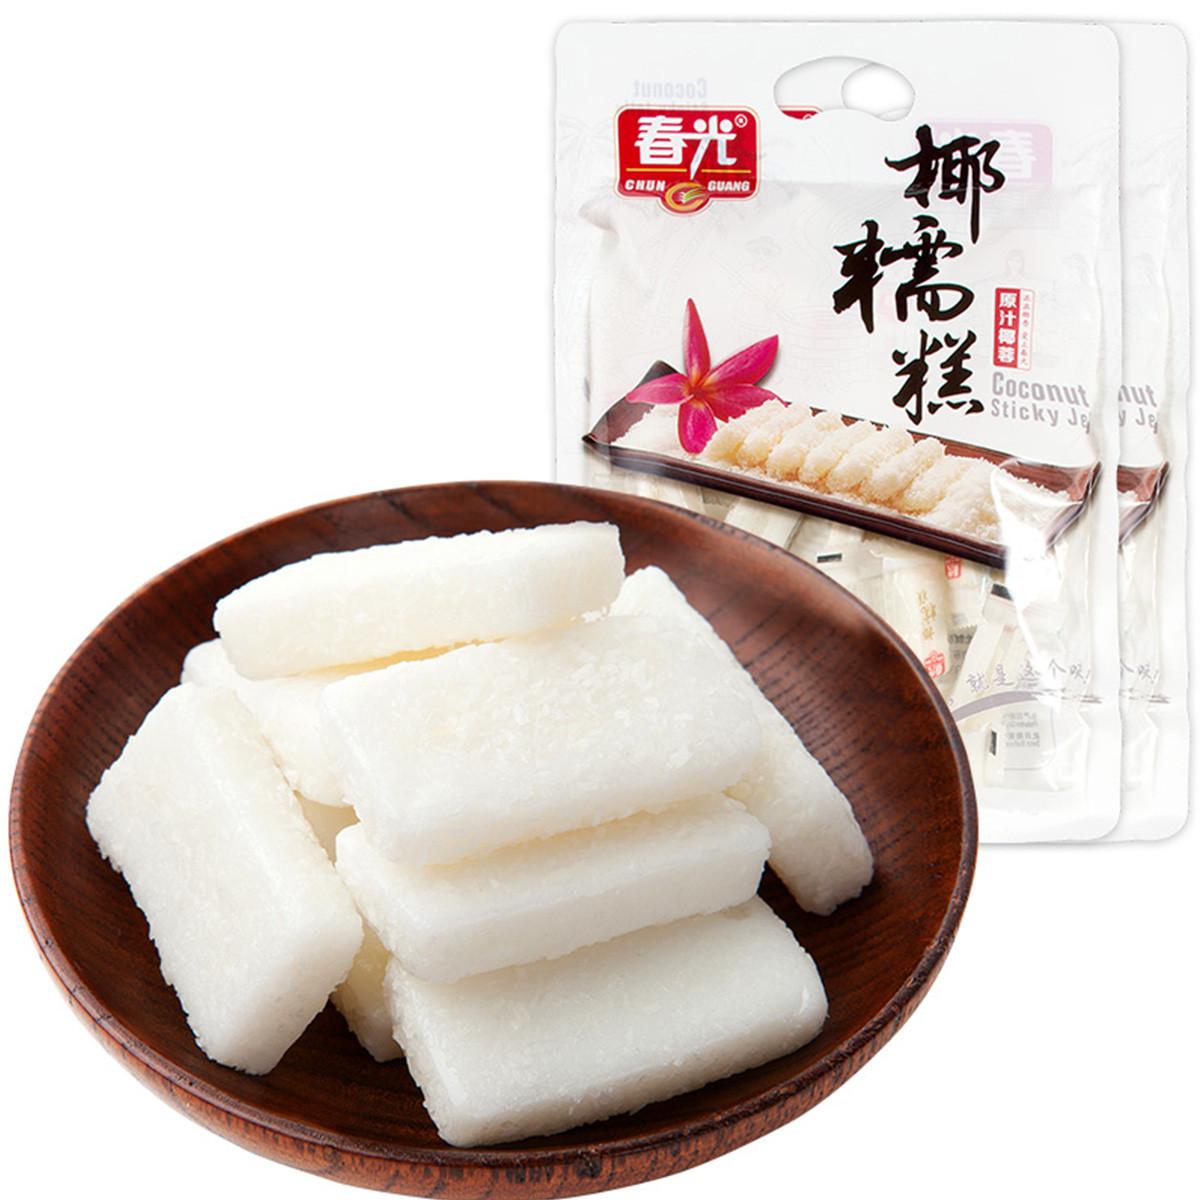 春光海南特产休闲零食糖果软糖原汁椰蓉椰糯糕480g*2袋COLOR其它颜色